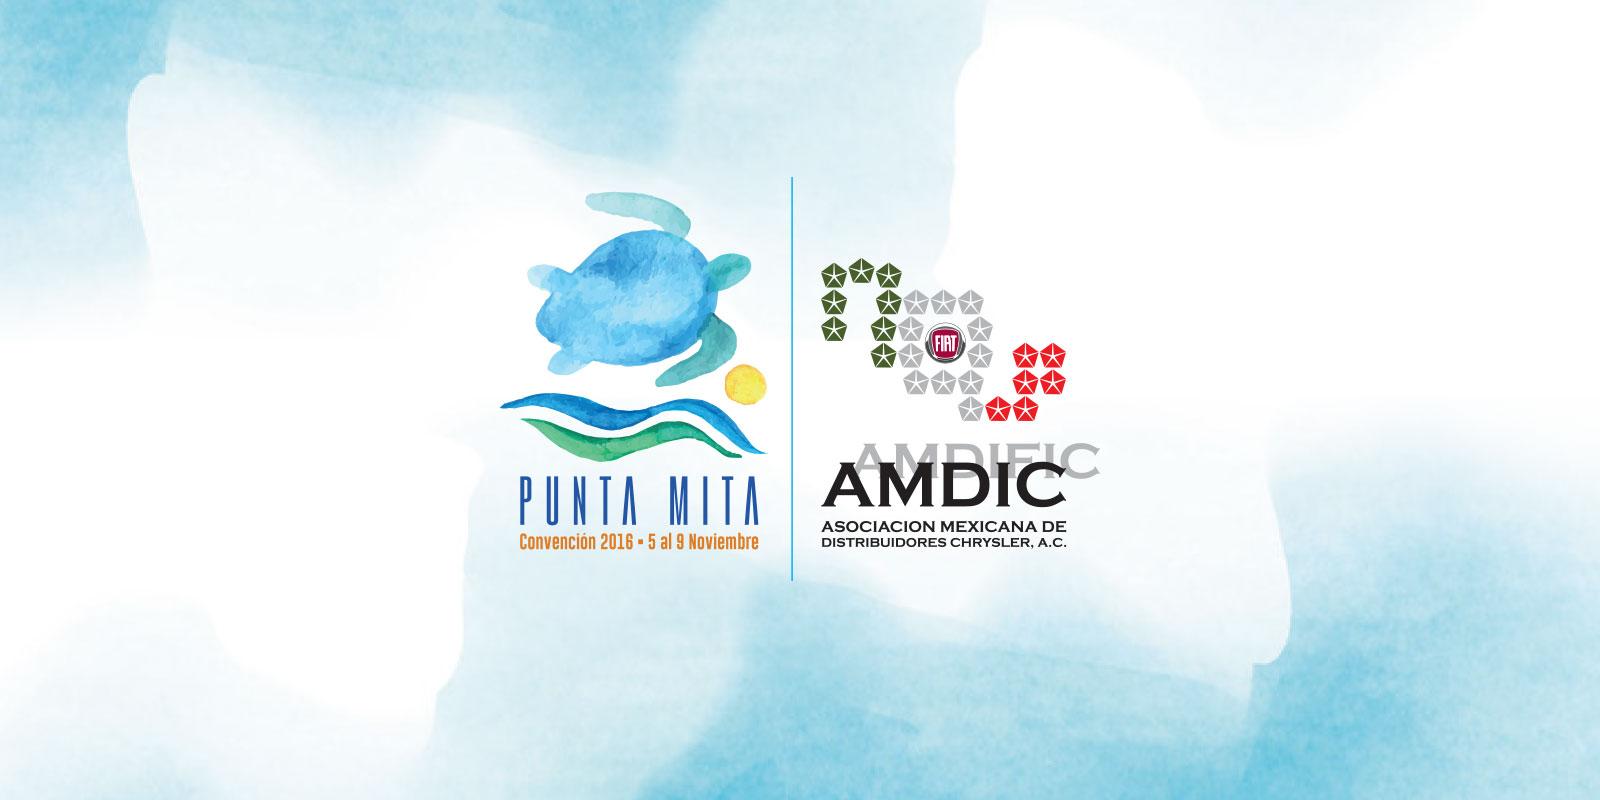 Convencion AMDIC Punta Mita 2016